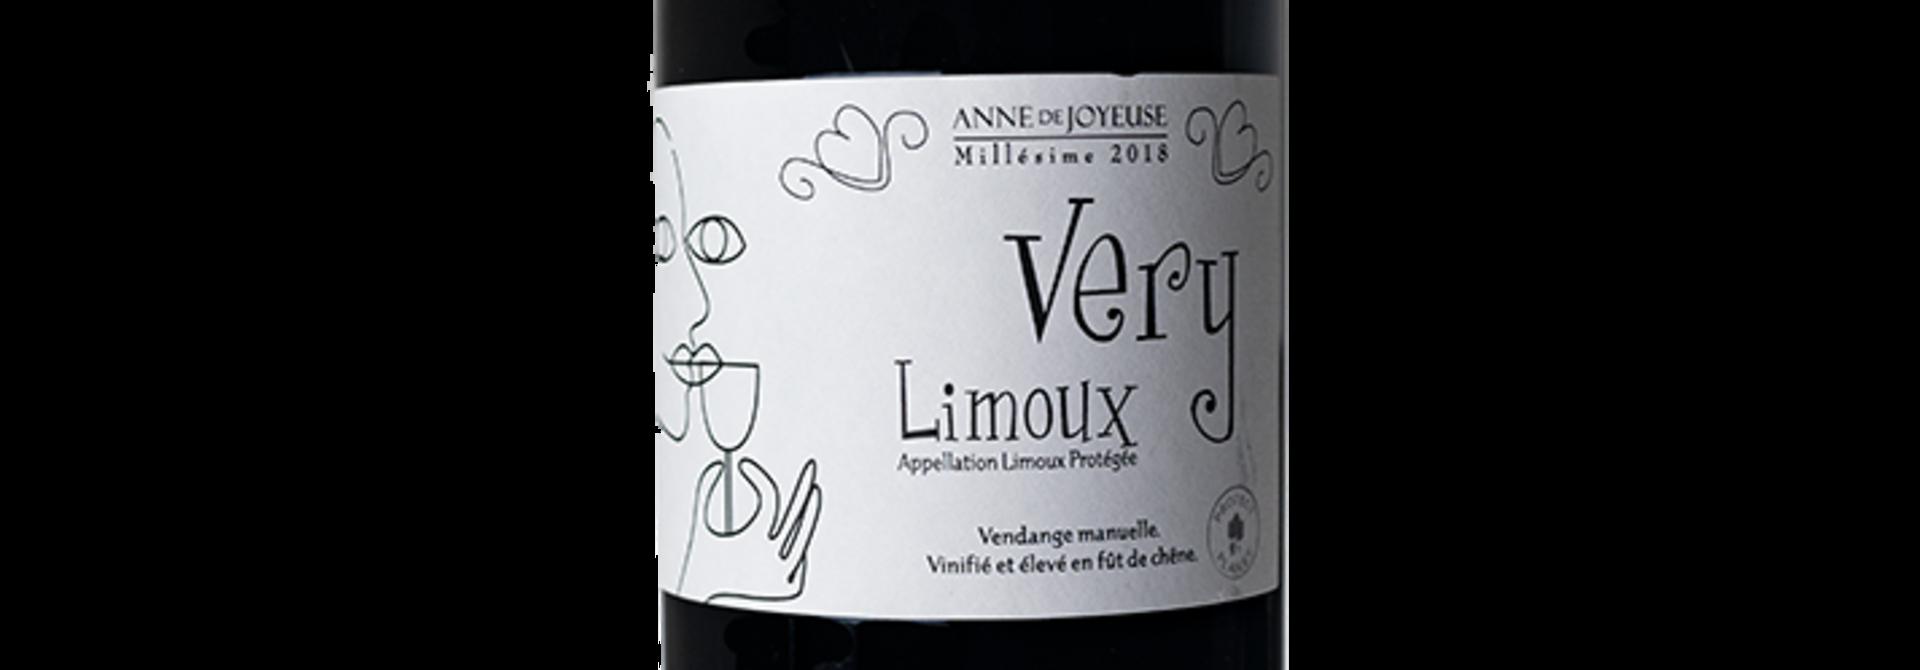 Very Limoux Rouge, Anne de Joyeuse